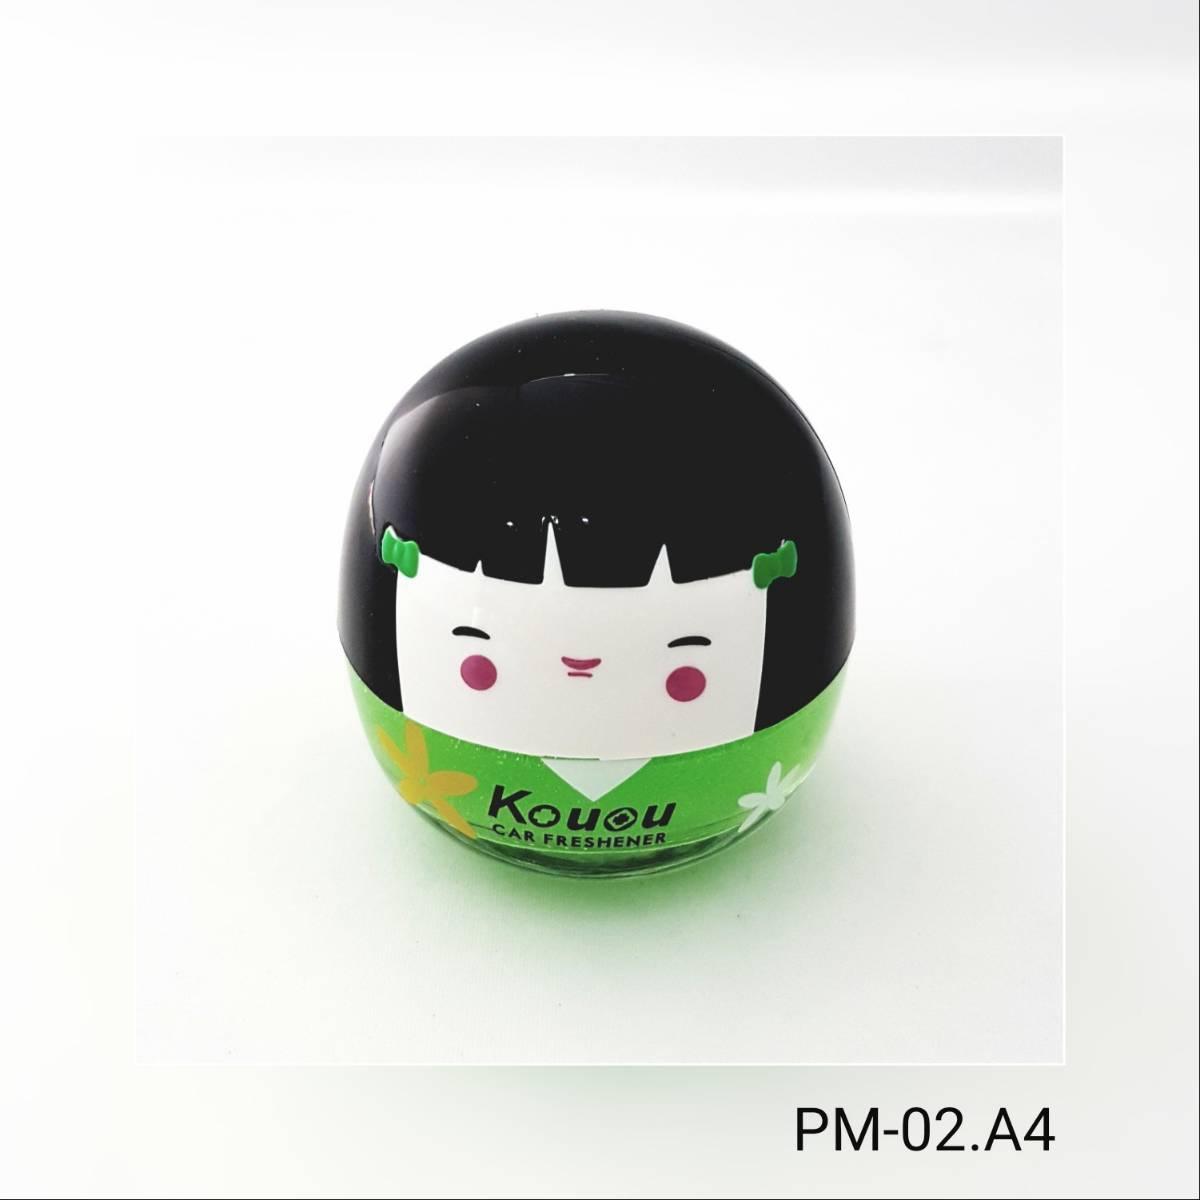 Parfum Mobil Boneka Jepang Kouou Pm-002/a4